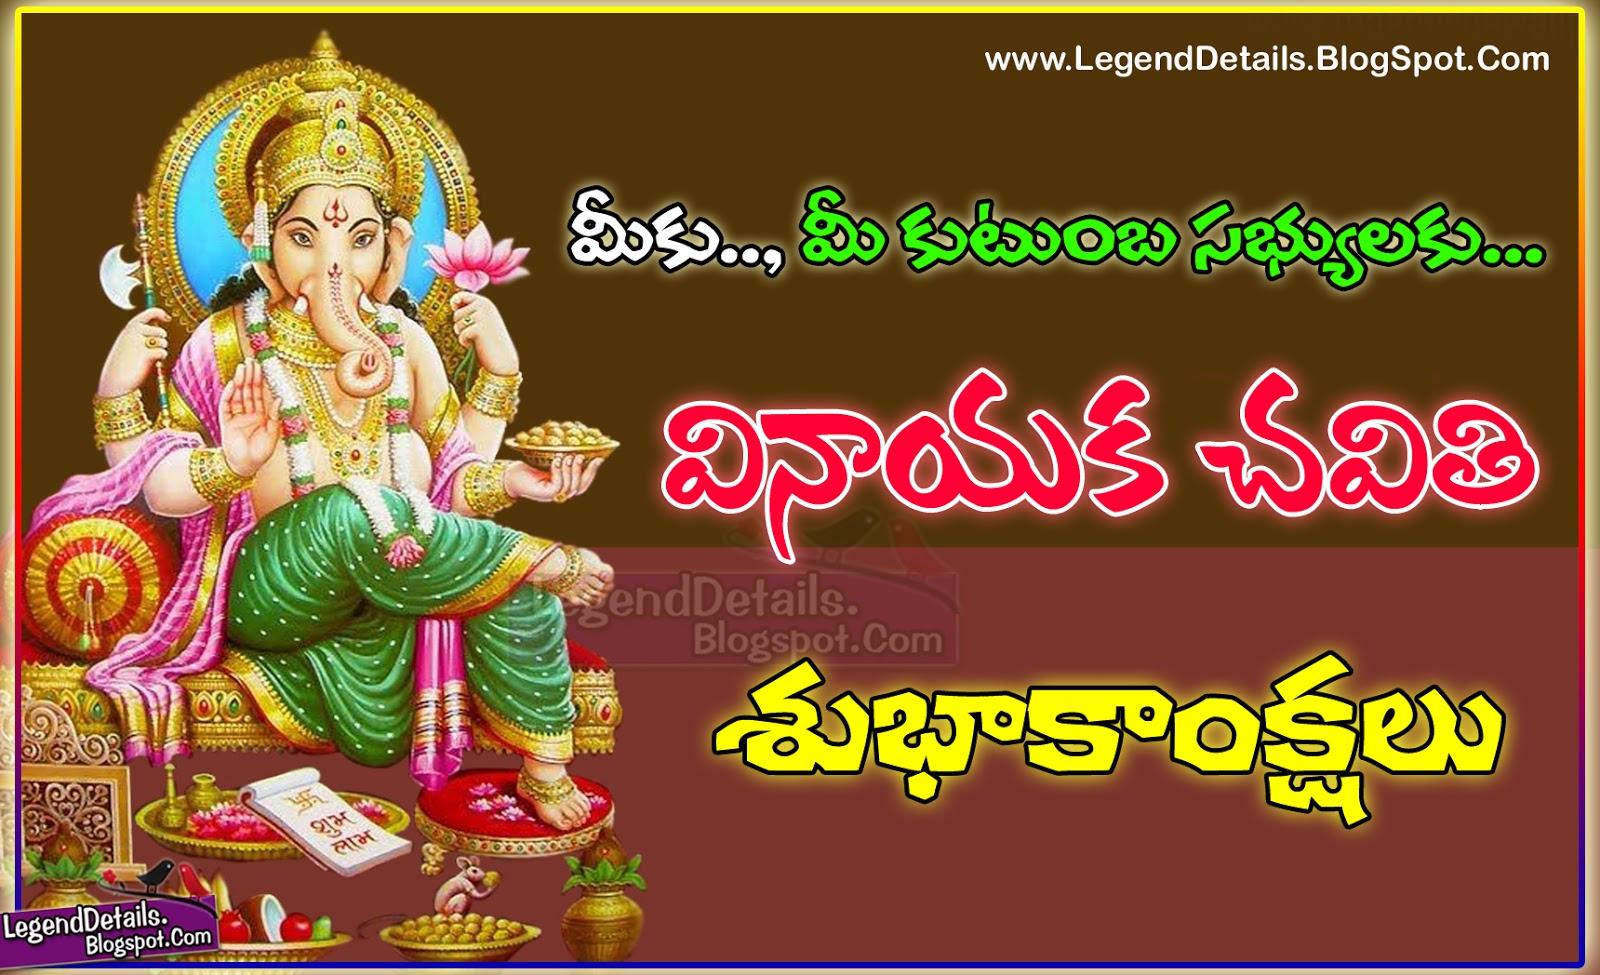 Ganesh chaturthi vinayaka chavithi wishesgreetingsquotes sms ganesh chaturthi vinayaka chavithi wishesgreetingsquotes sms messages in telugu m4hsunfo Gallery